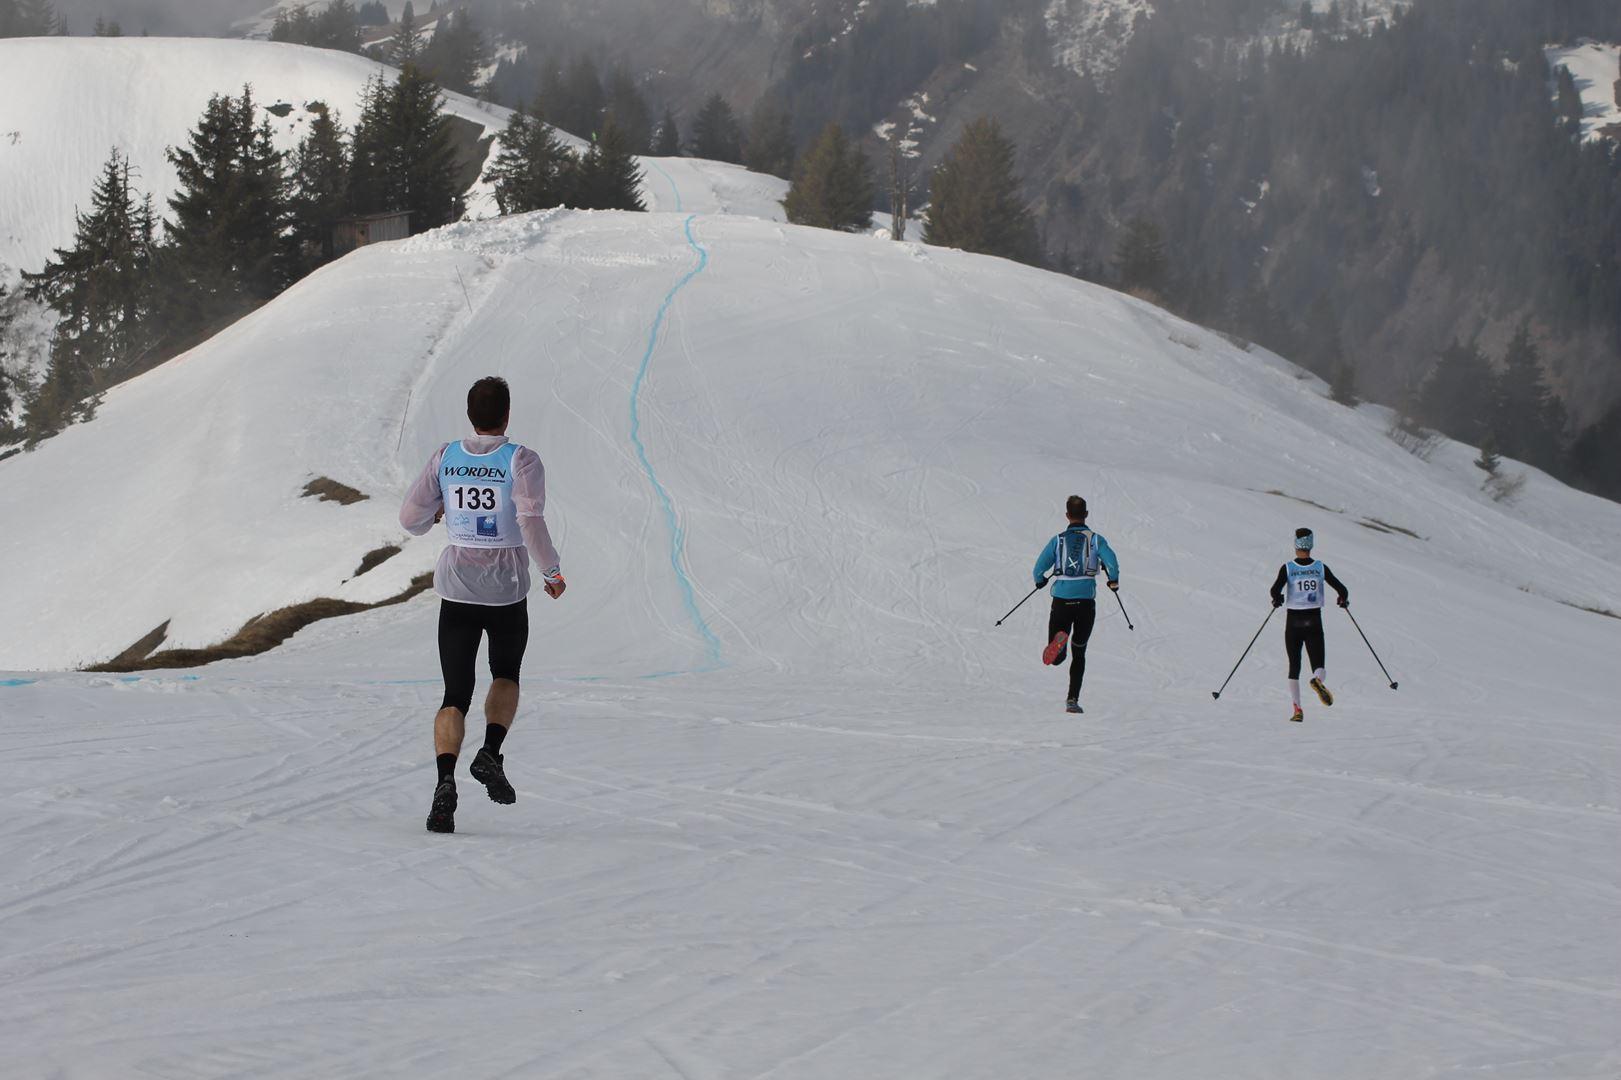 Coureurs en descente après la Torraz - RESULTATS ET REPORTAGE SUR LA 8EME EDITION DE l'ARAVIS SNOW TRAIL  (LA GIETTAZ 73)